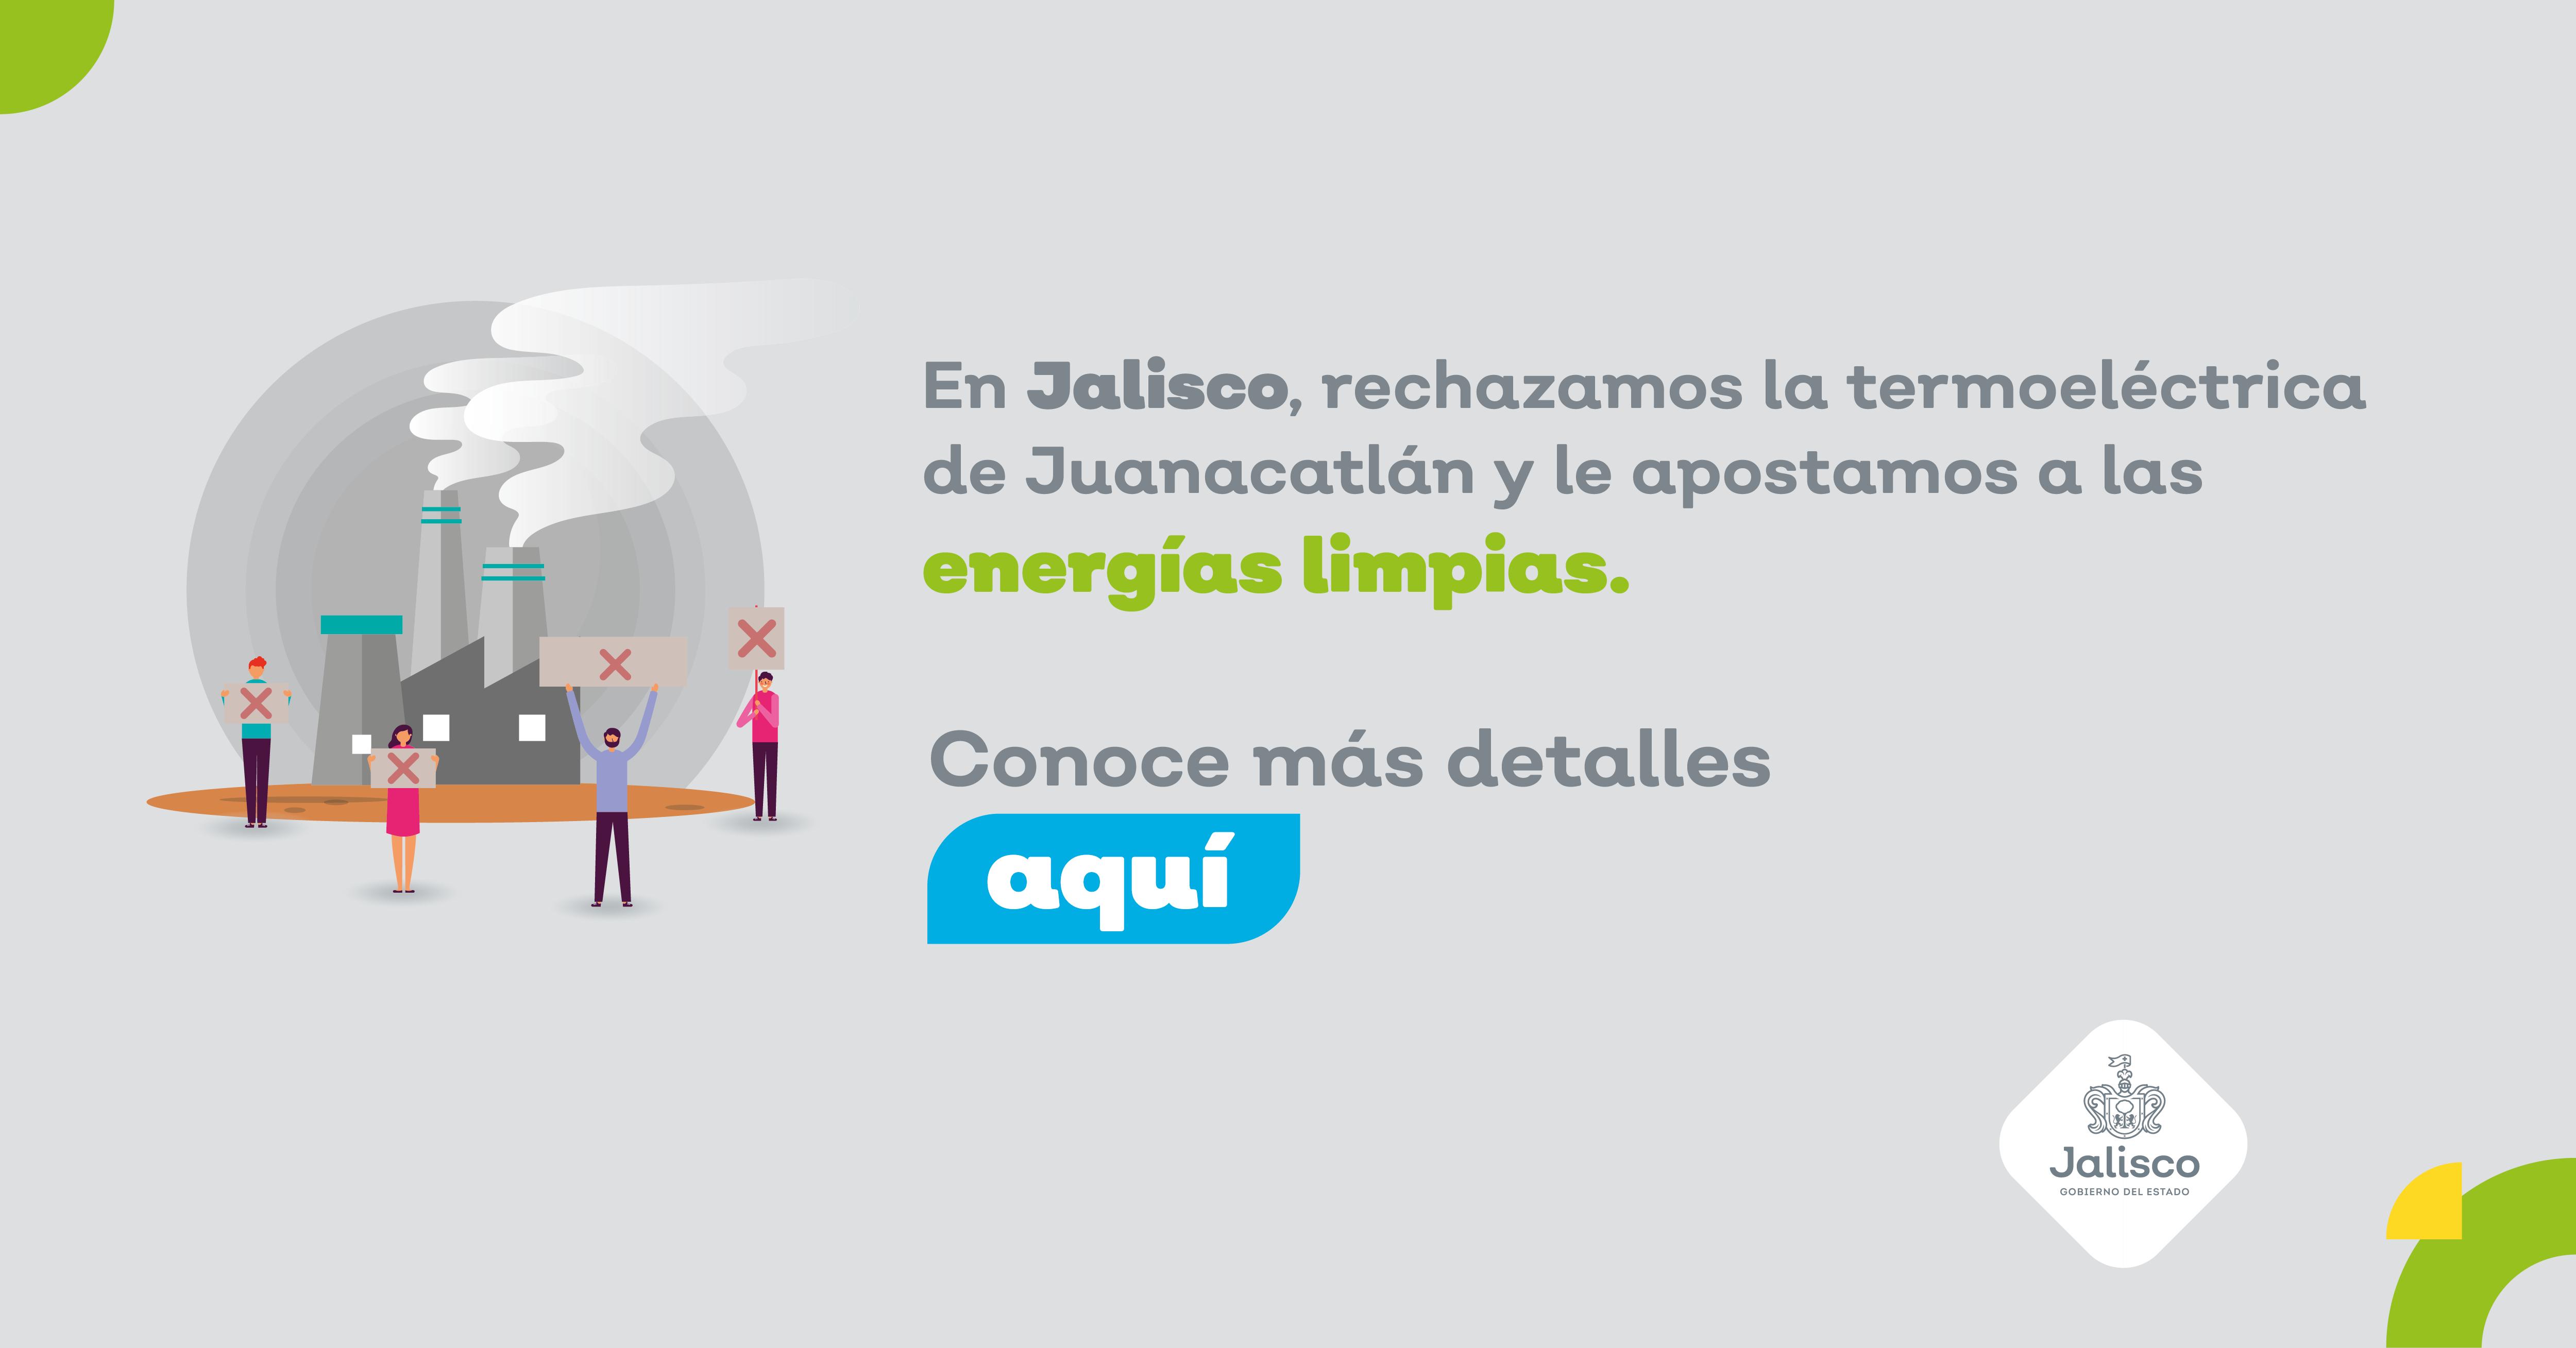 5 razones por las que rechazamos la termoeléctrica de Juanacatlán